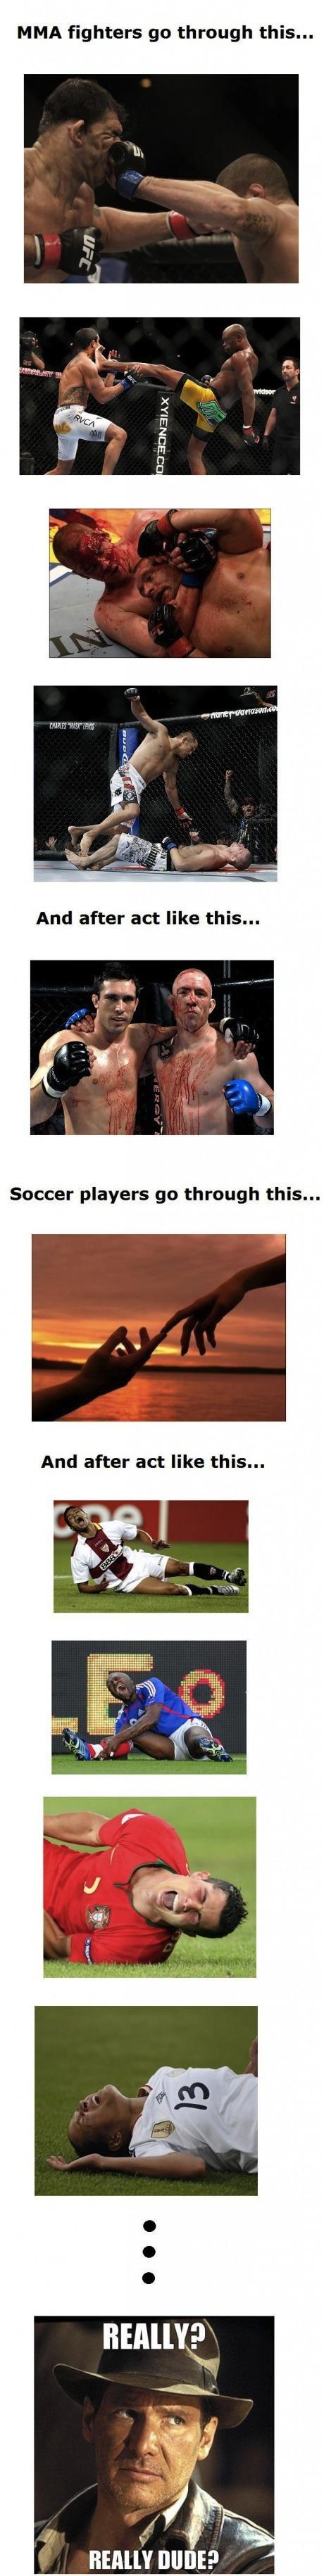 soccer fkd